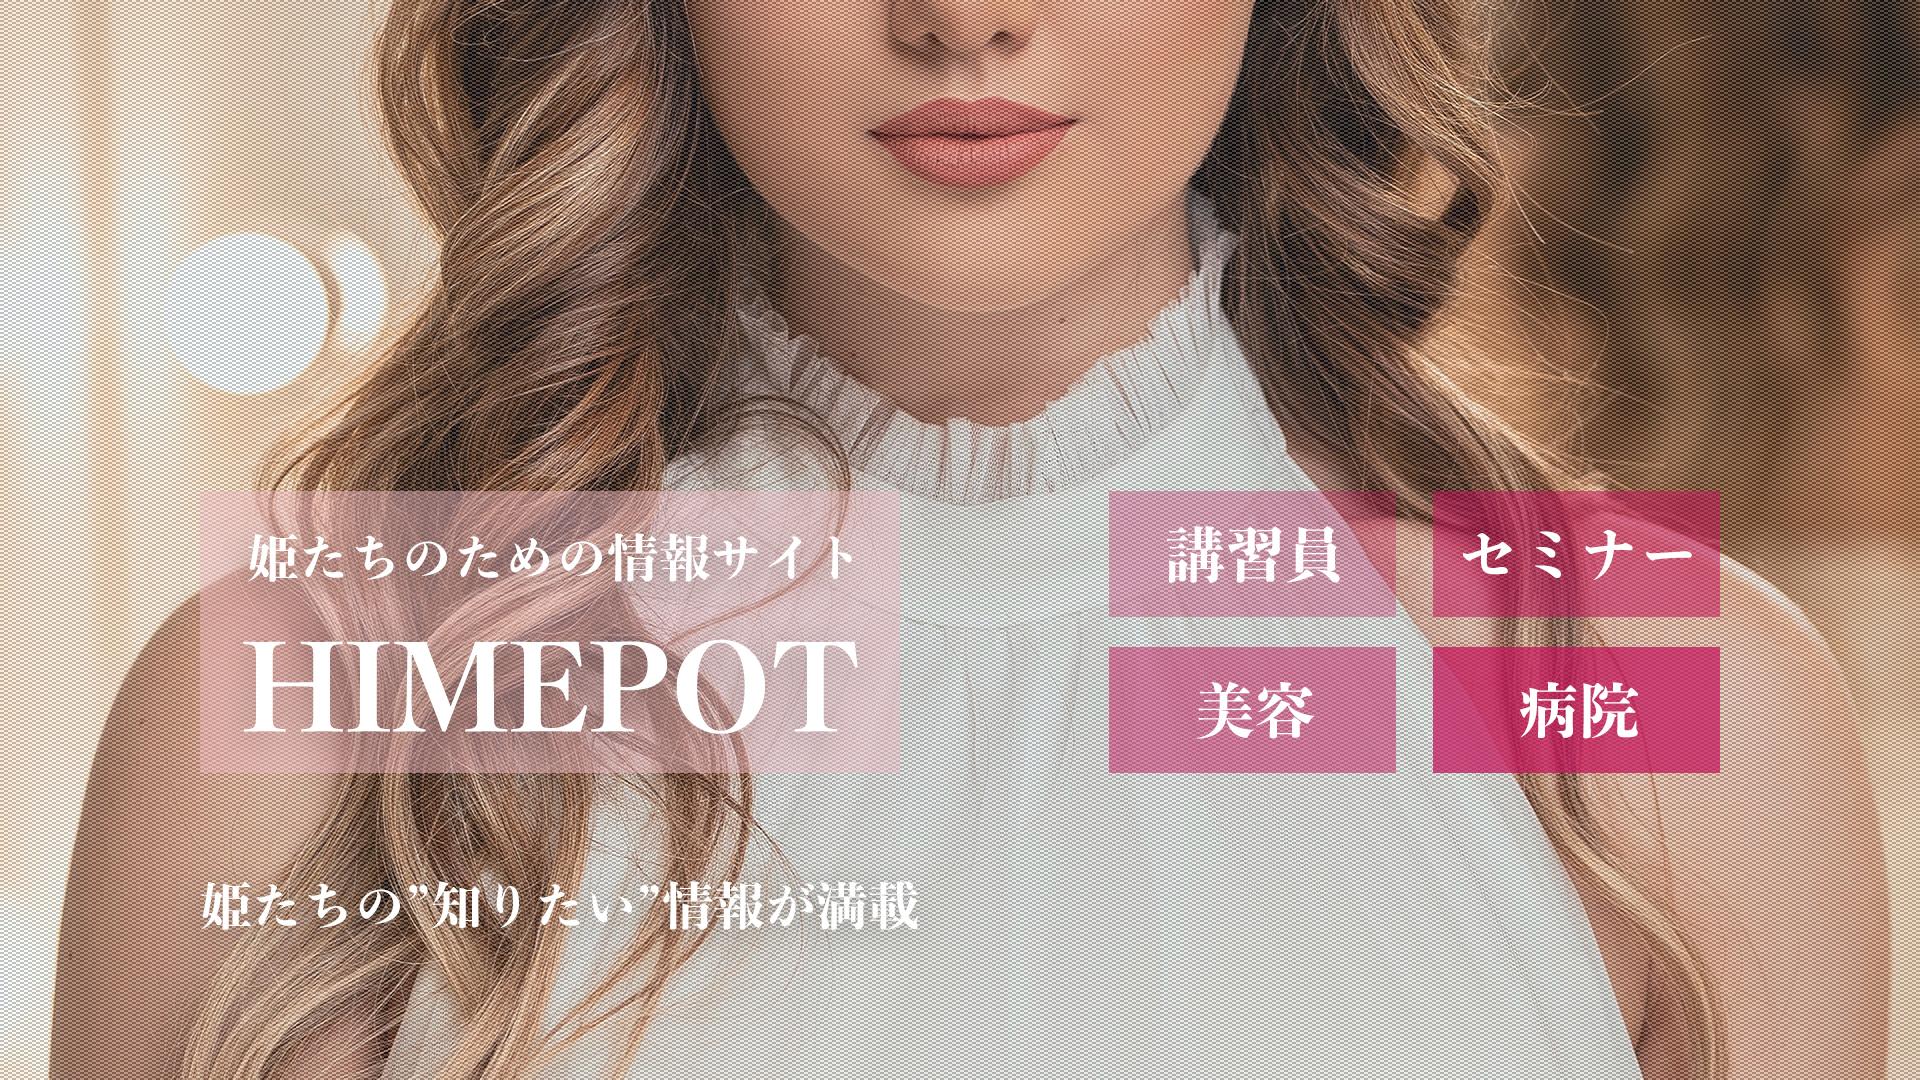 風俗嬢・キャバ嬢・お役立ち情報サイト『姫ぽっと』